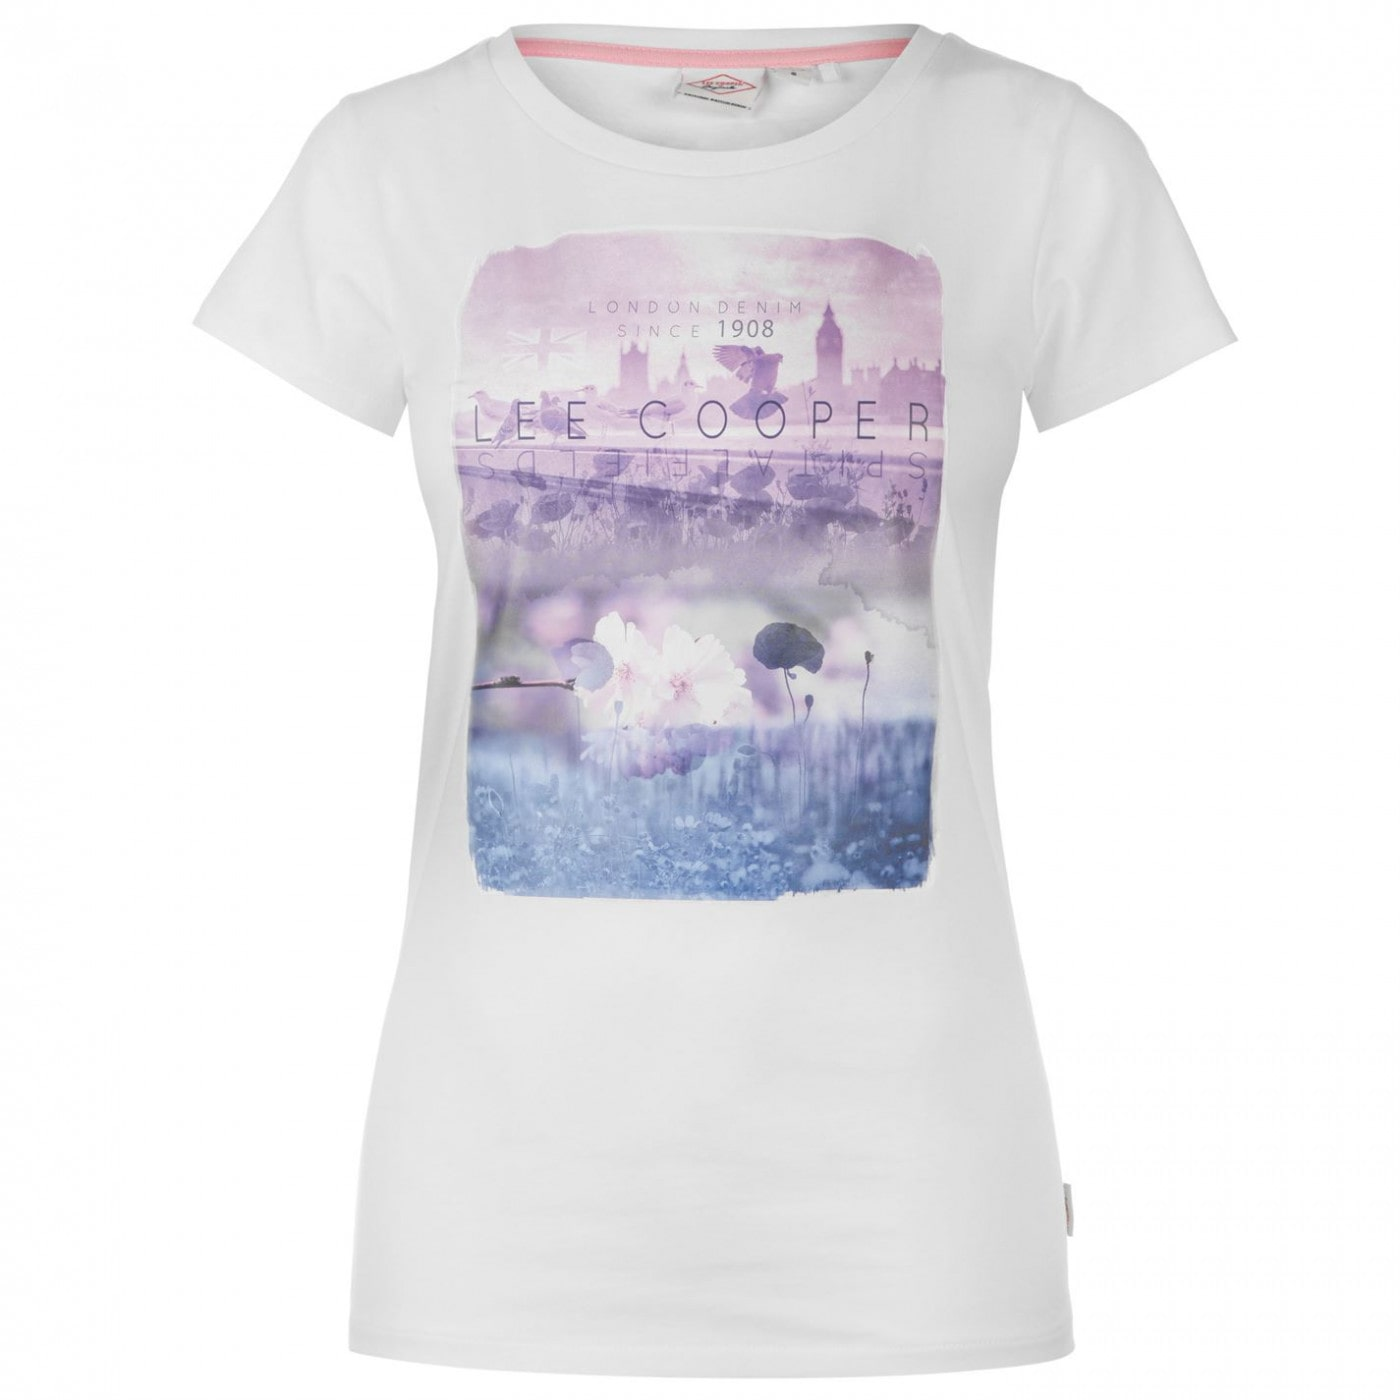 Tričko Lee Cooper Fashion Photo T Shirt dámske